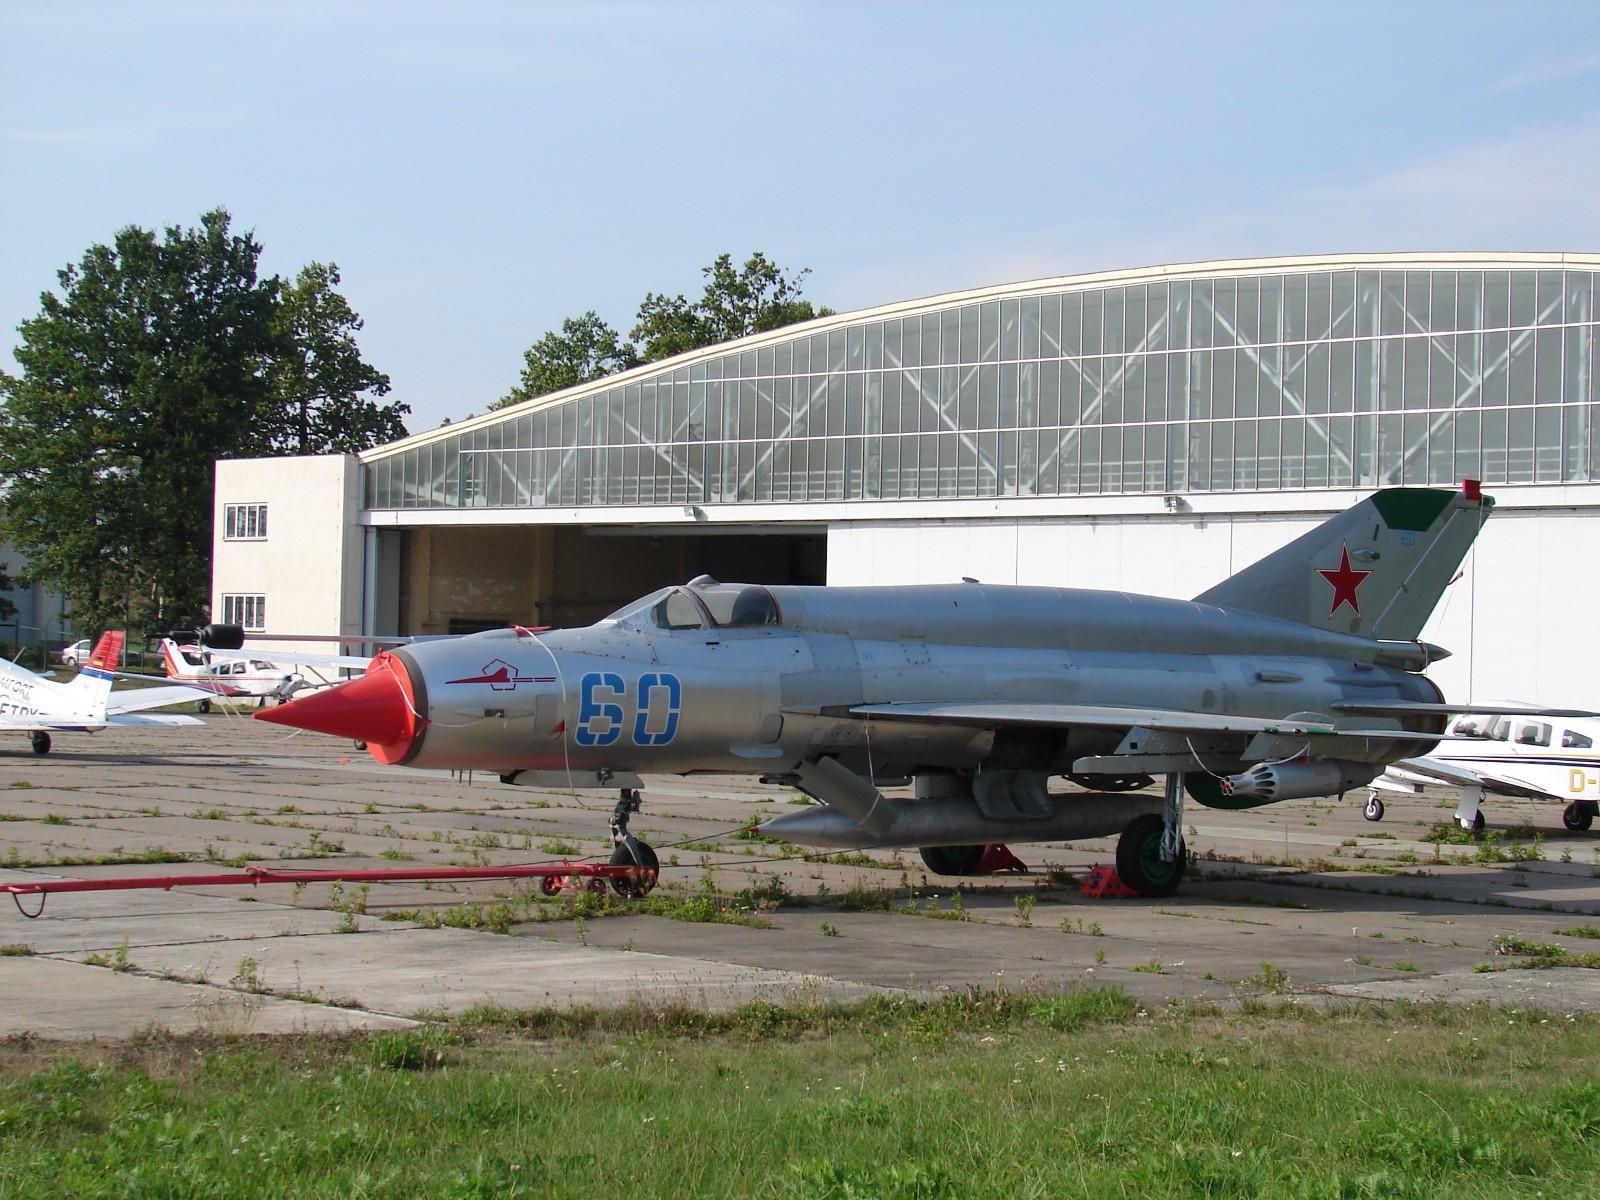 Обои ВВС Румынии, ОКБ Микояна и Гуревича, МиГ-21, pilot, Истребитель. Авиация foto 17